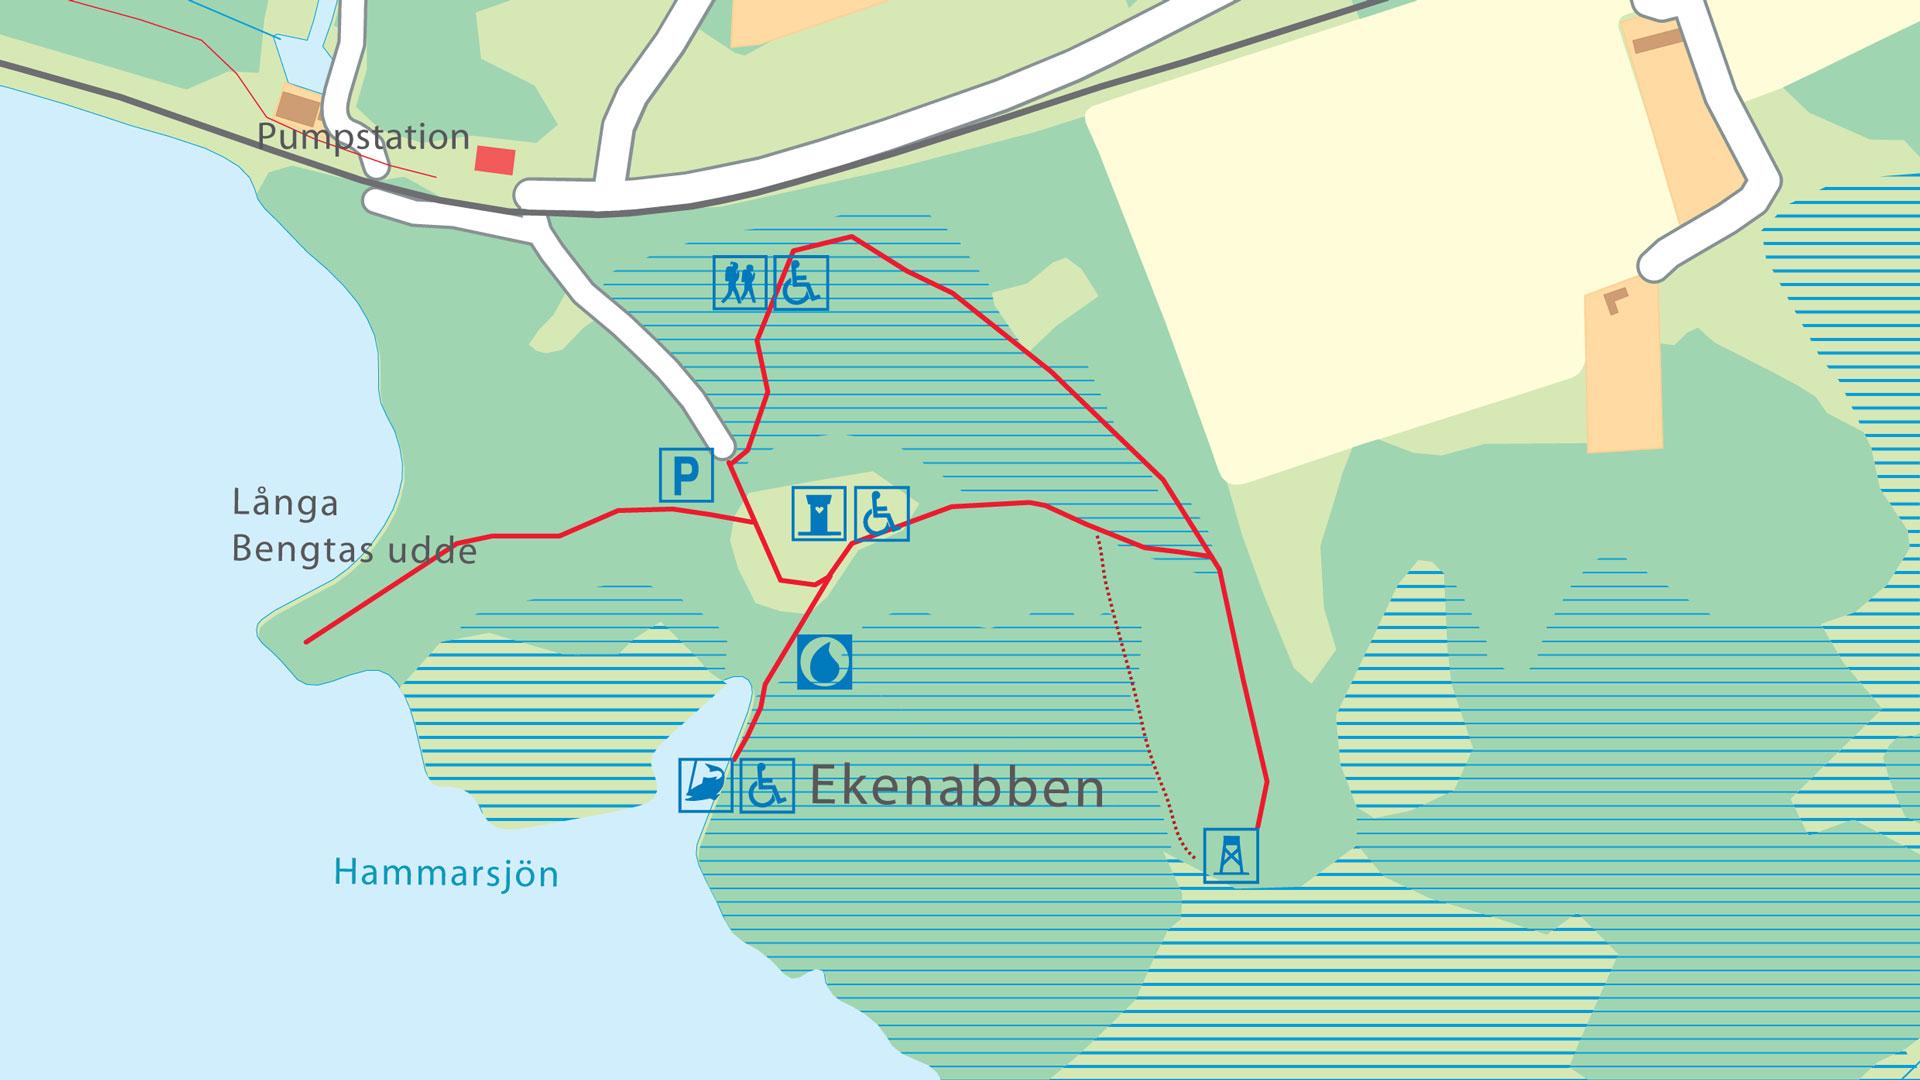 Karta över Ekenabbens stigar och faciliteter.